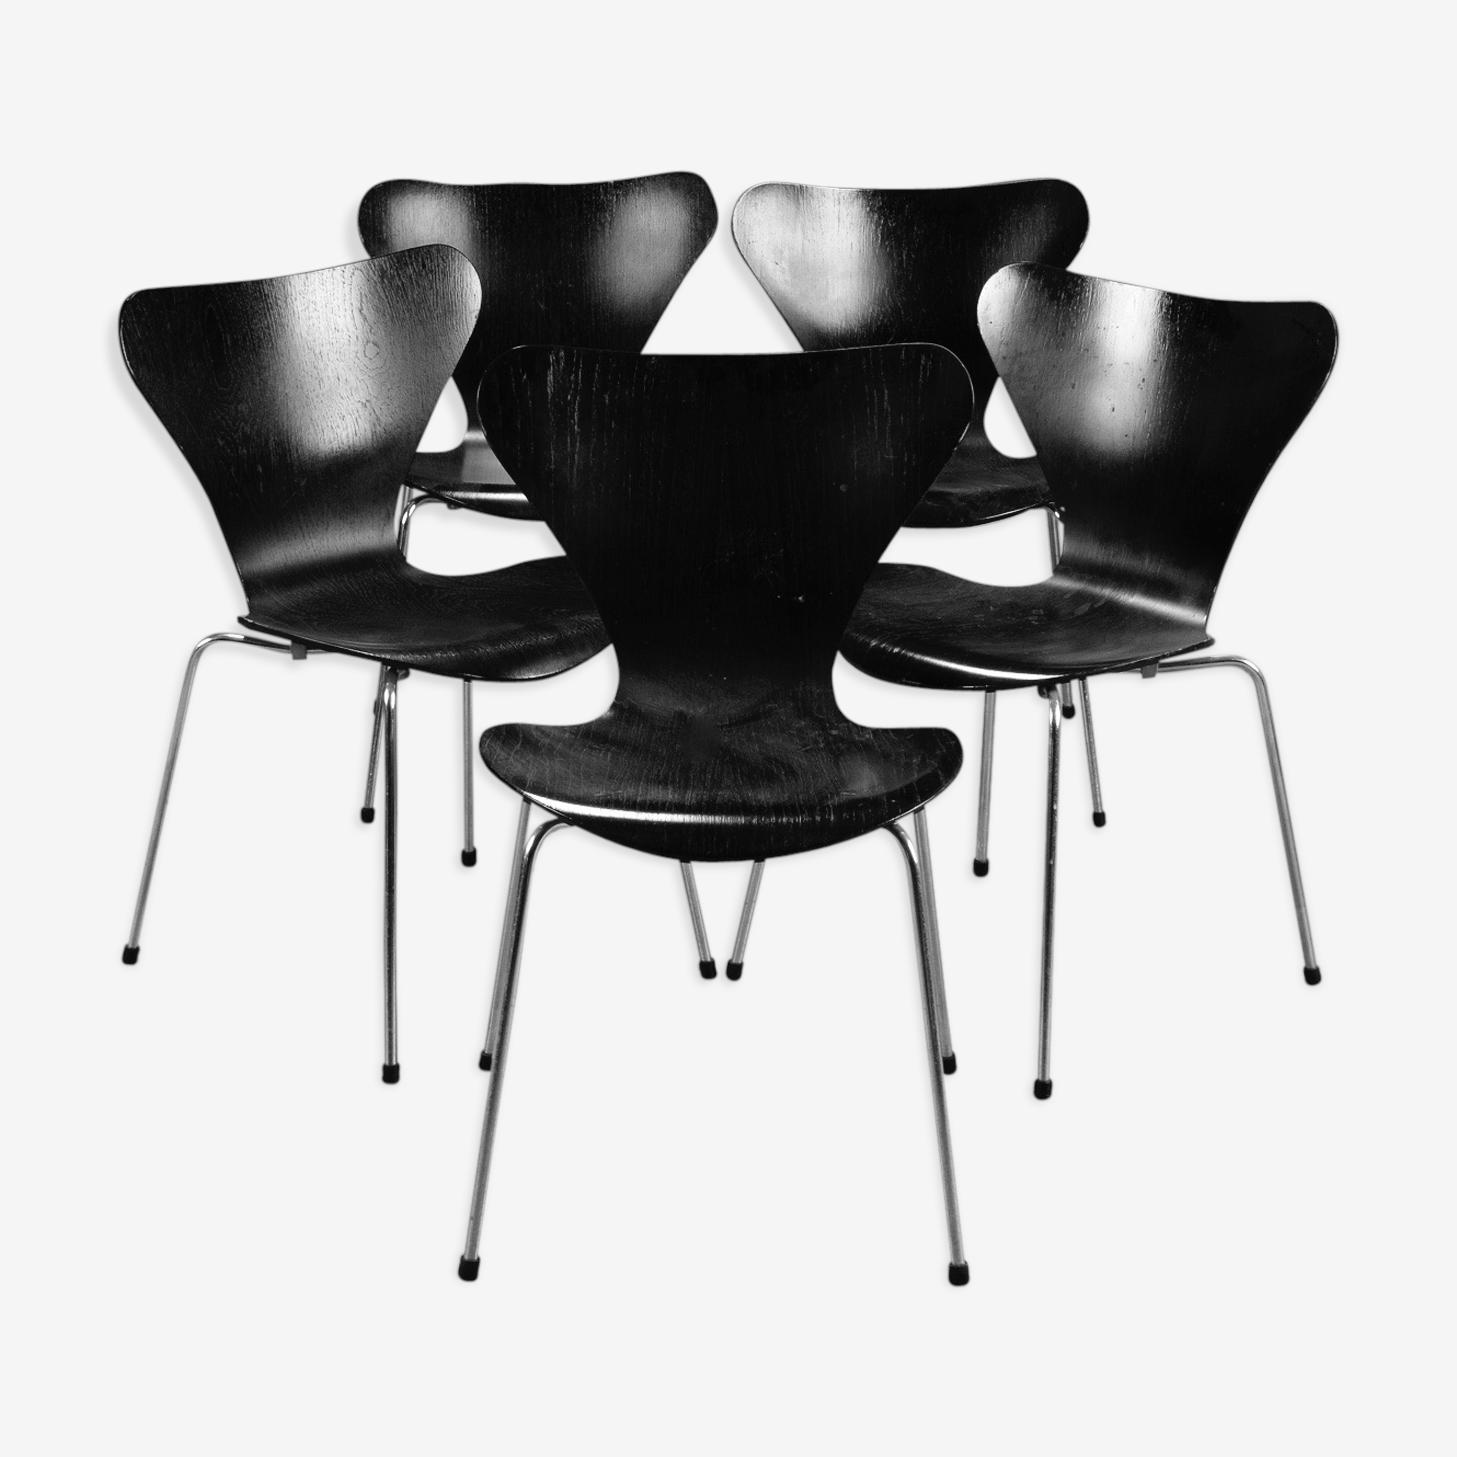 Suite de 5 chaises Arne Jacobsen par Fritz Hansen